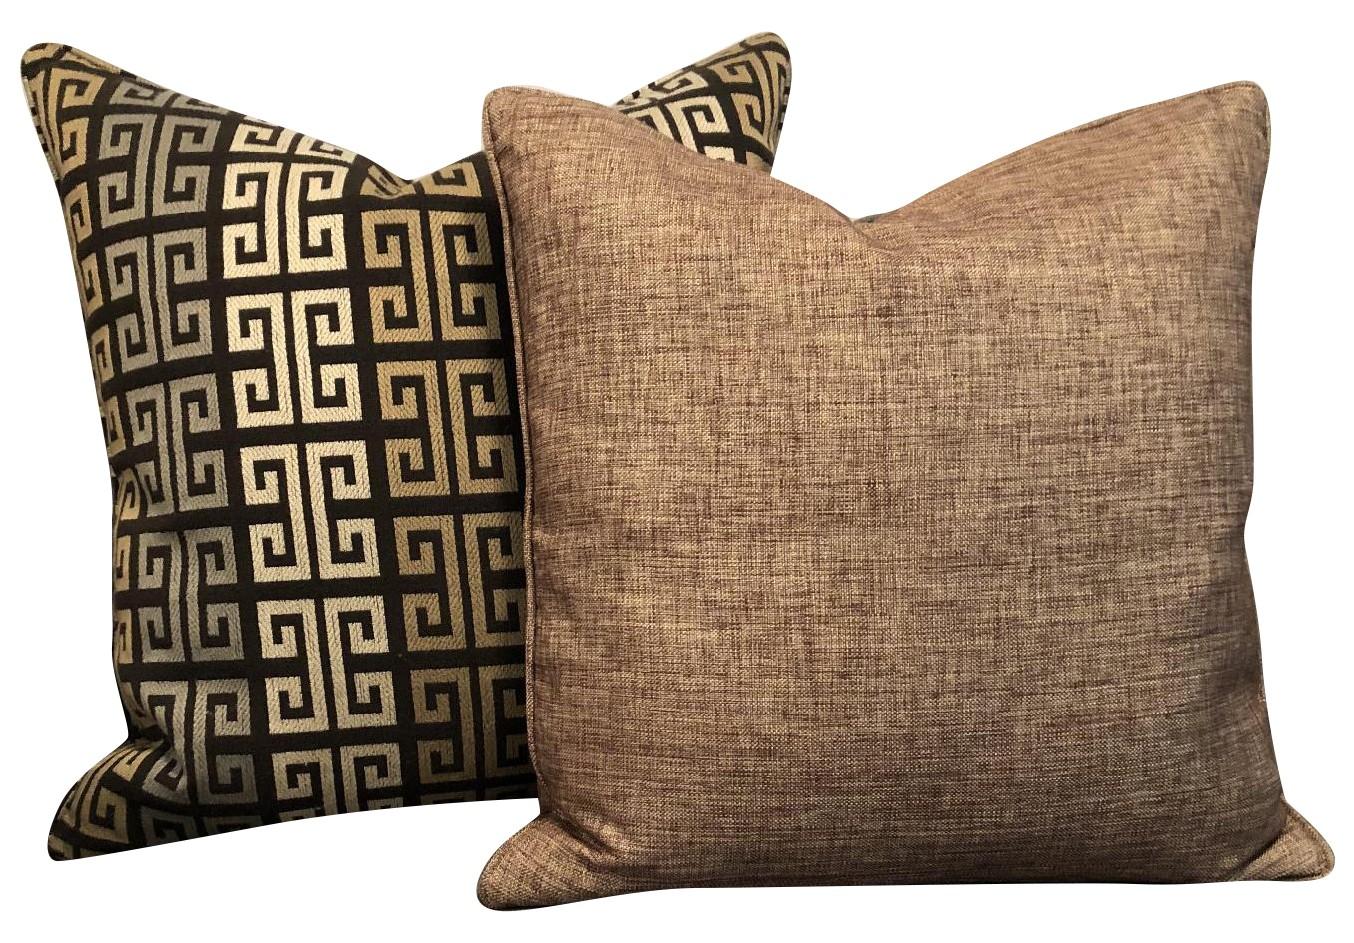 Ethan Allen Custom Pillows